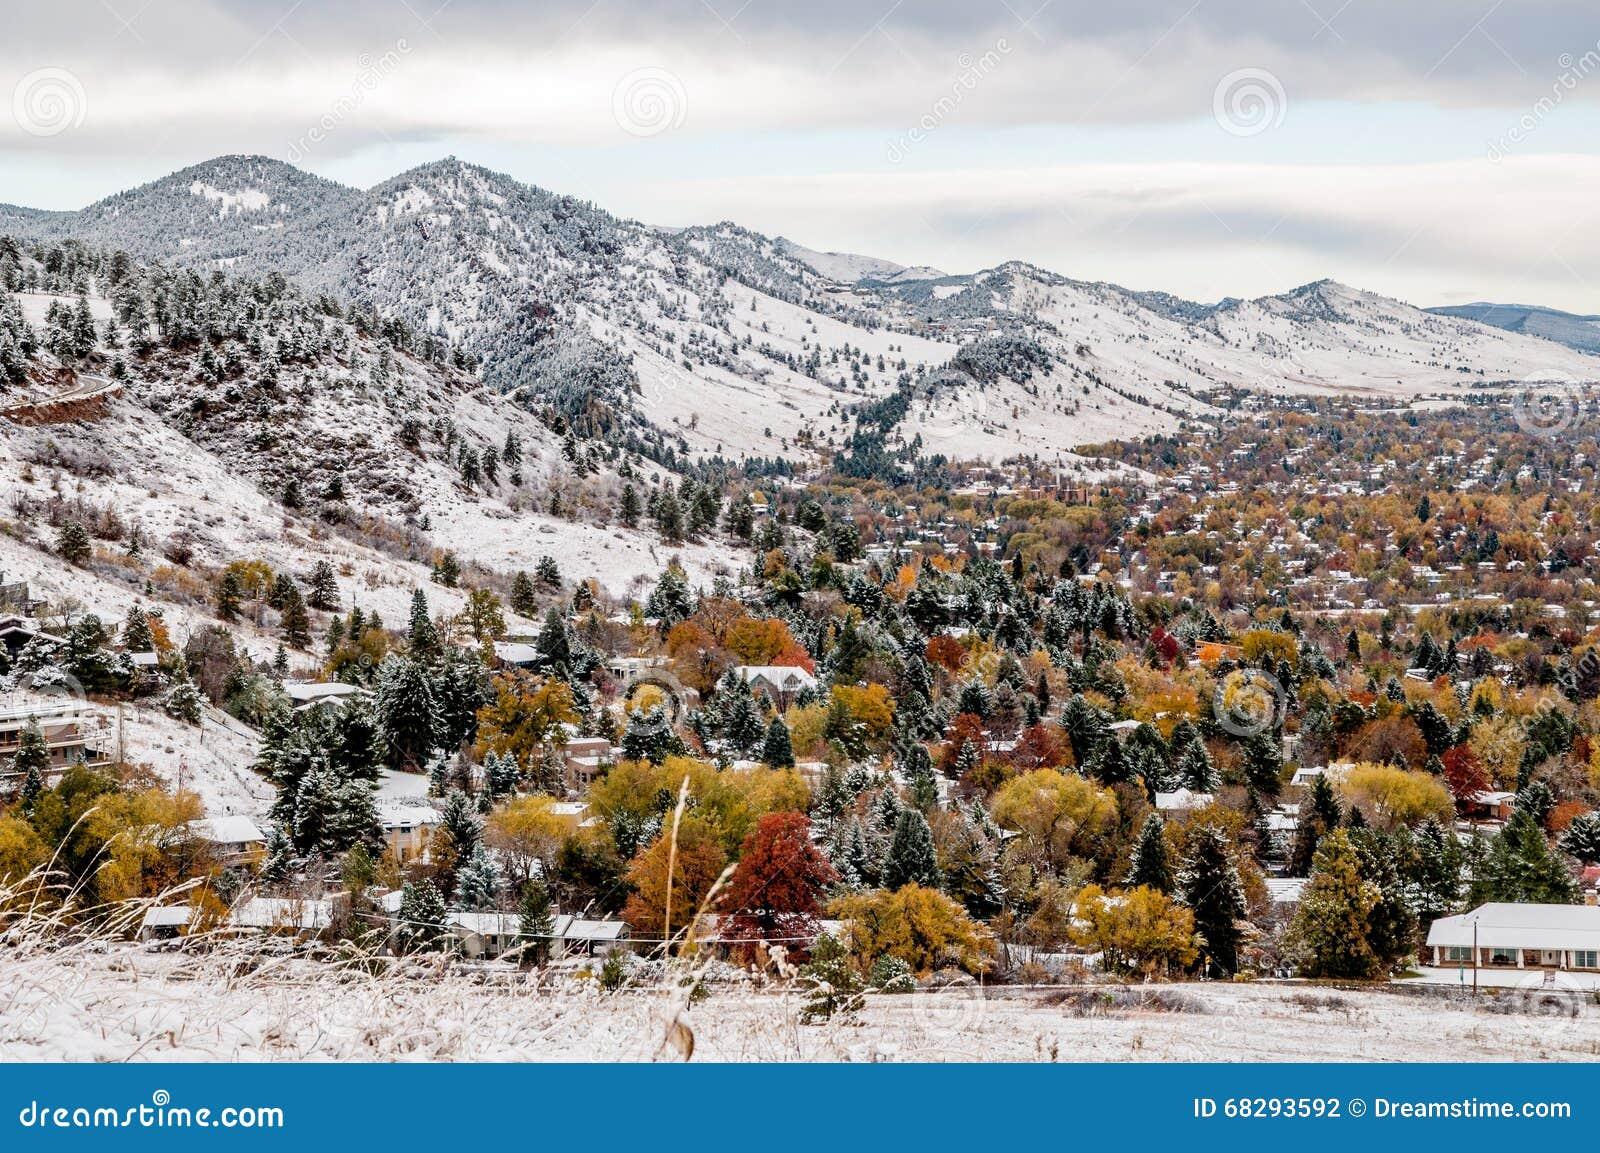 Boulder Colorado - First Snow